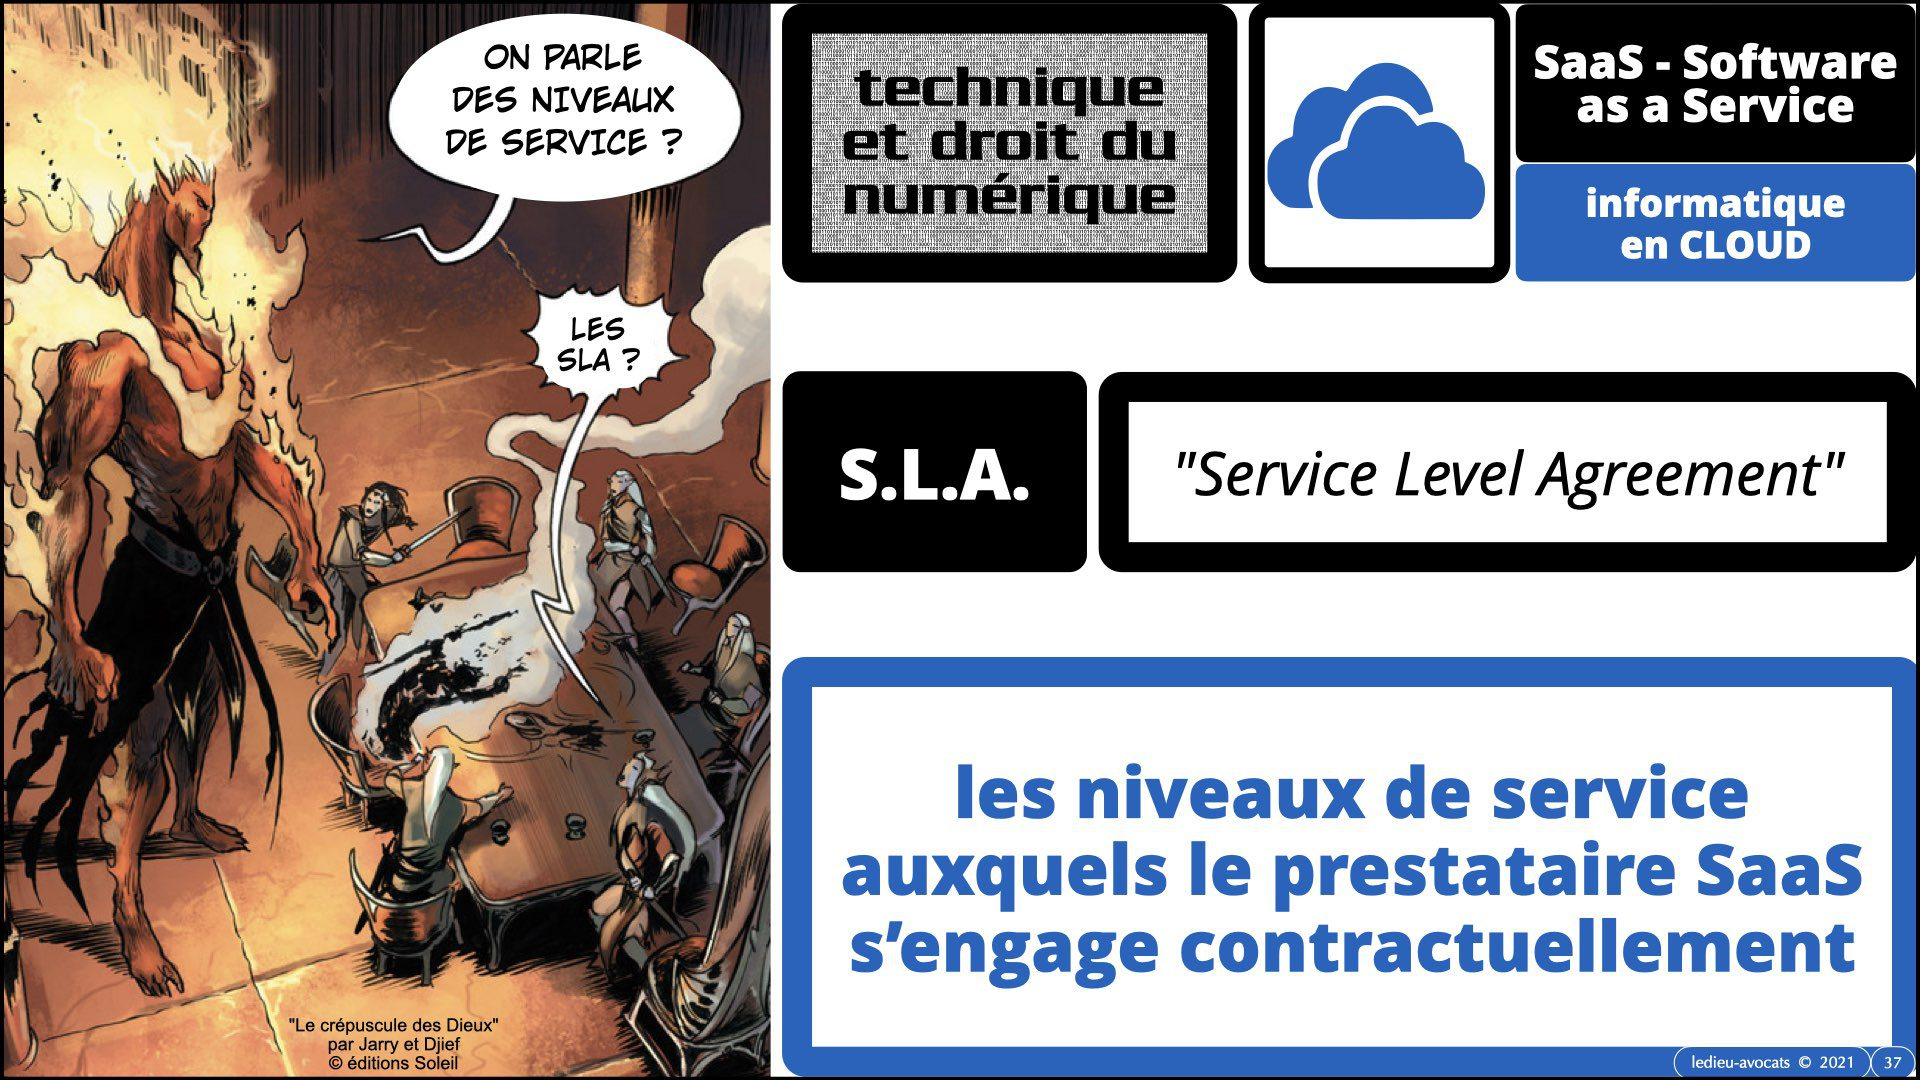 343 service LOGICIEL SaaS Software-as-a-Service cloud computing © Ledieu-Avocats technique droit numerique 30-08-2021.037